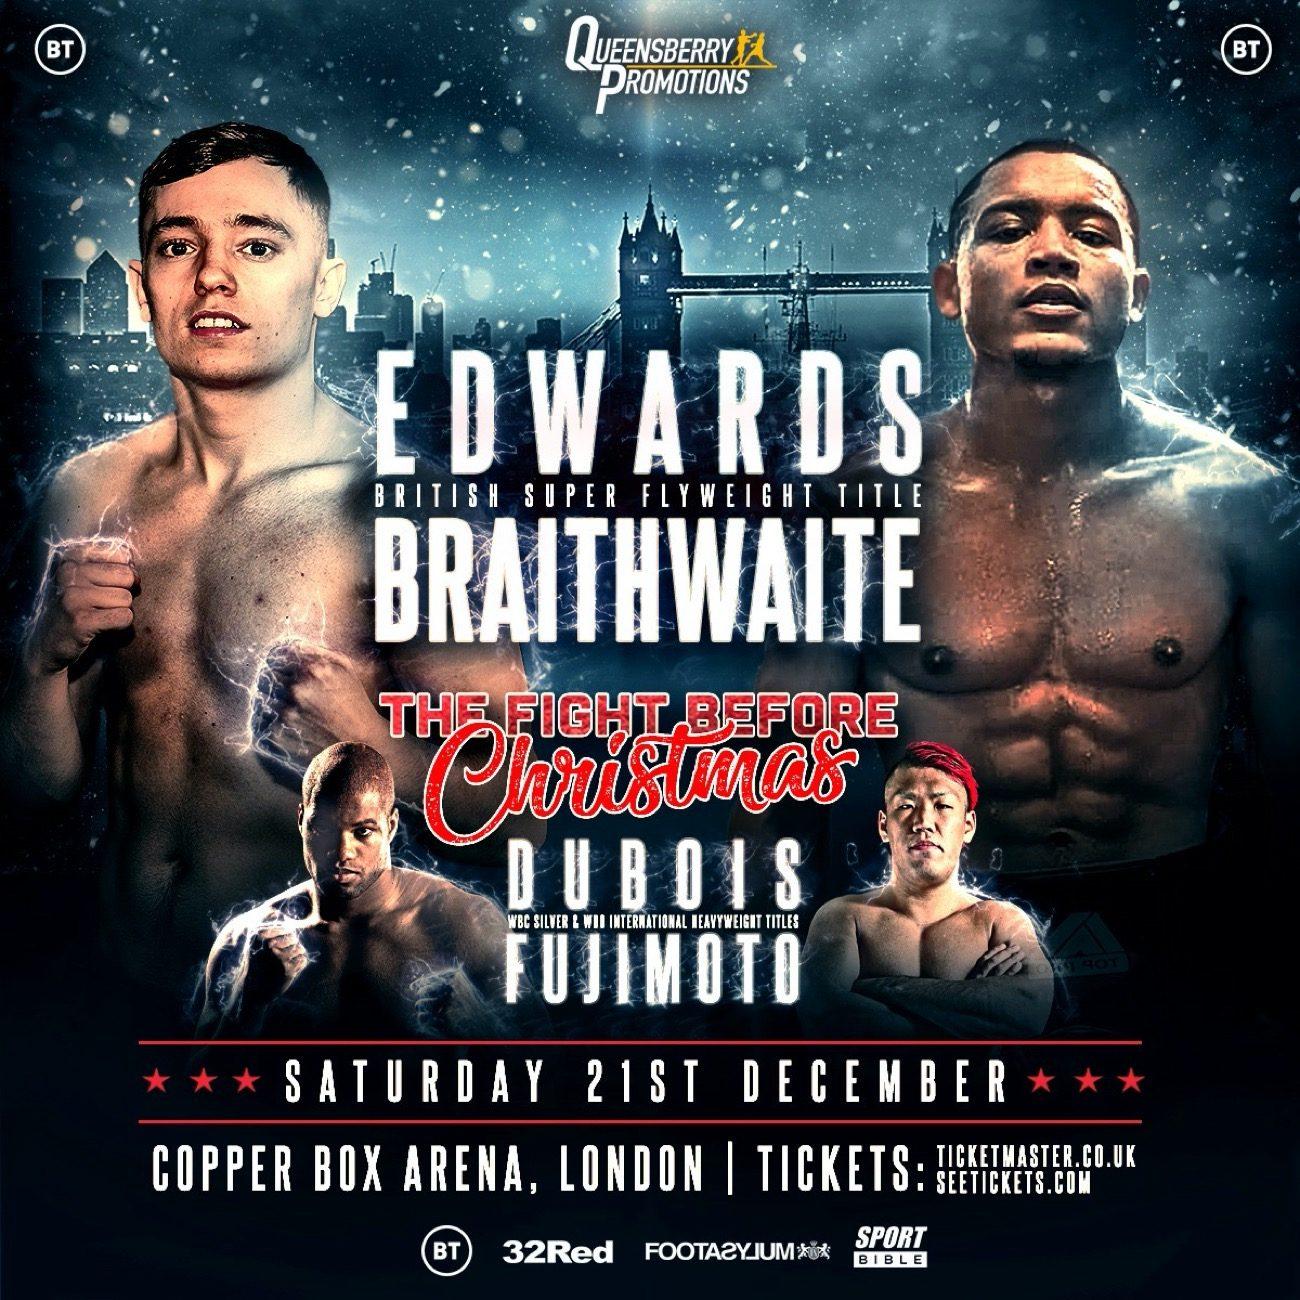 - Latest Dubois vs. Fujimoto Sunny Edwards